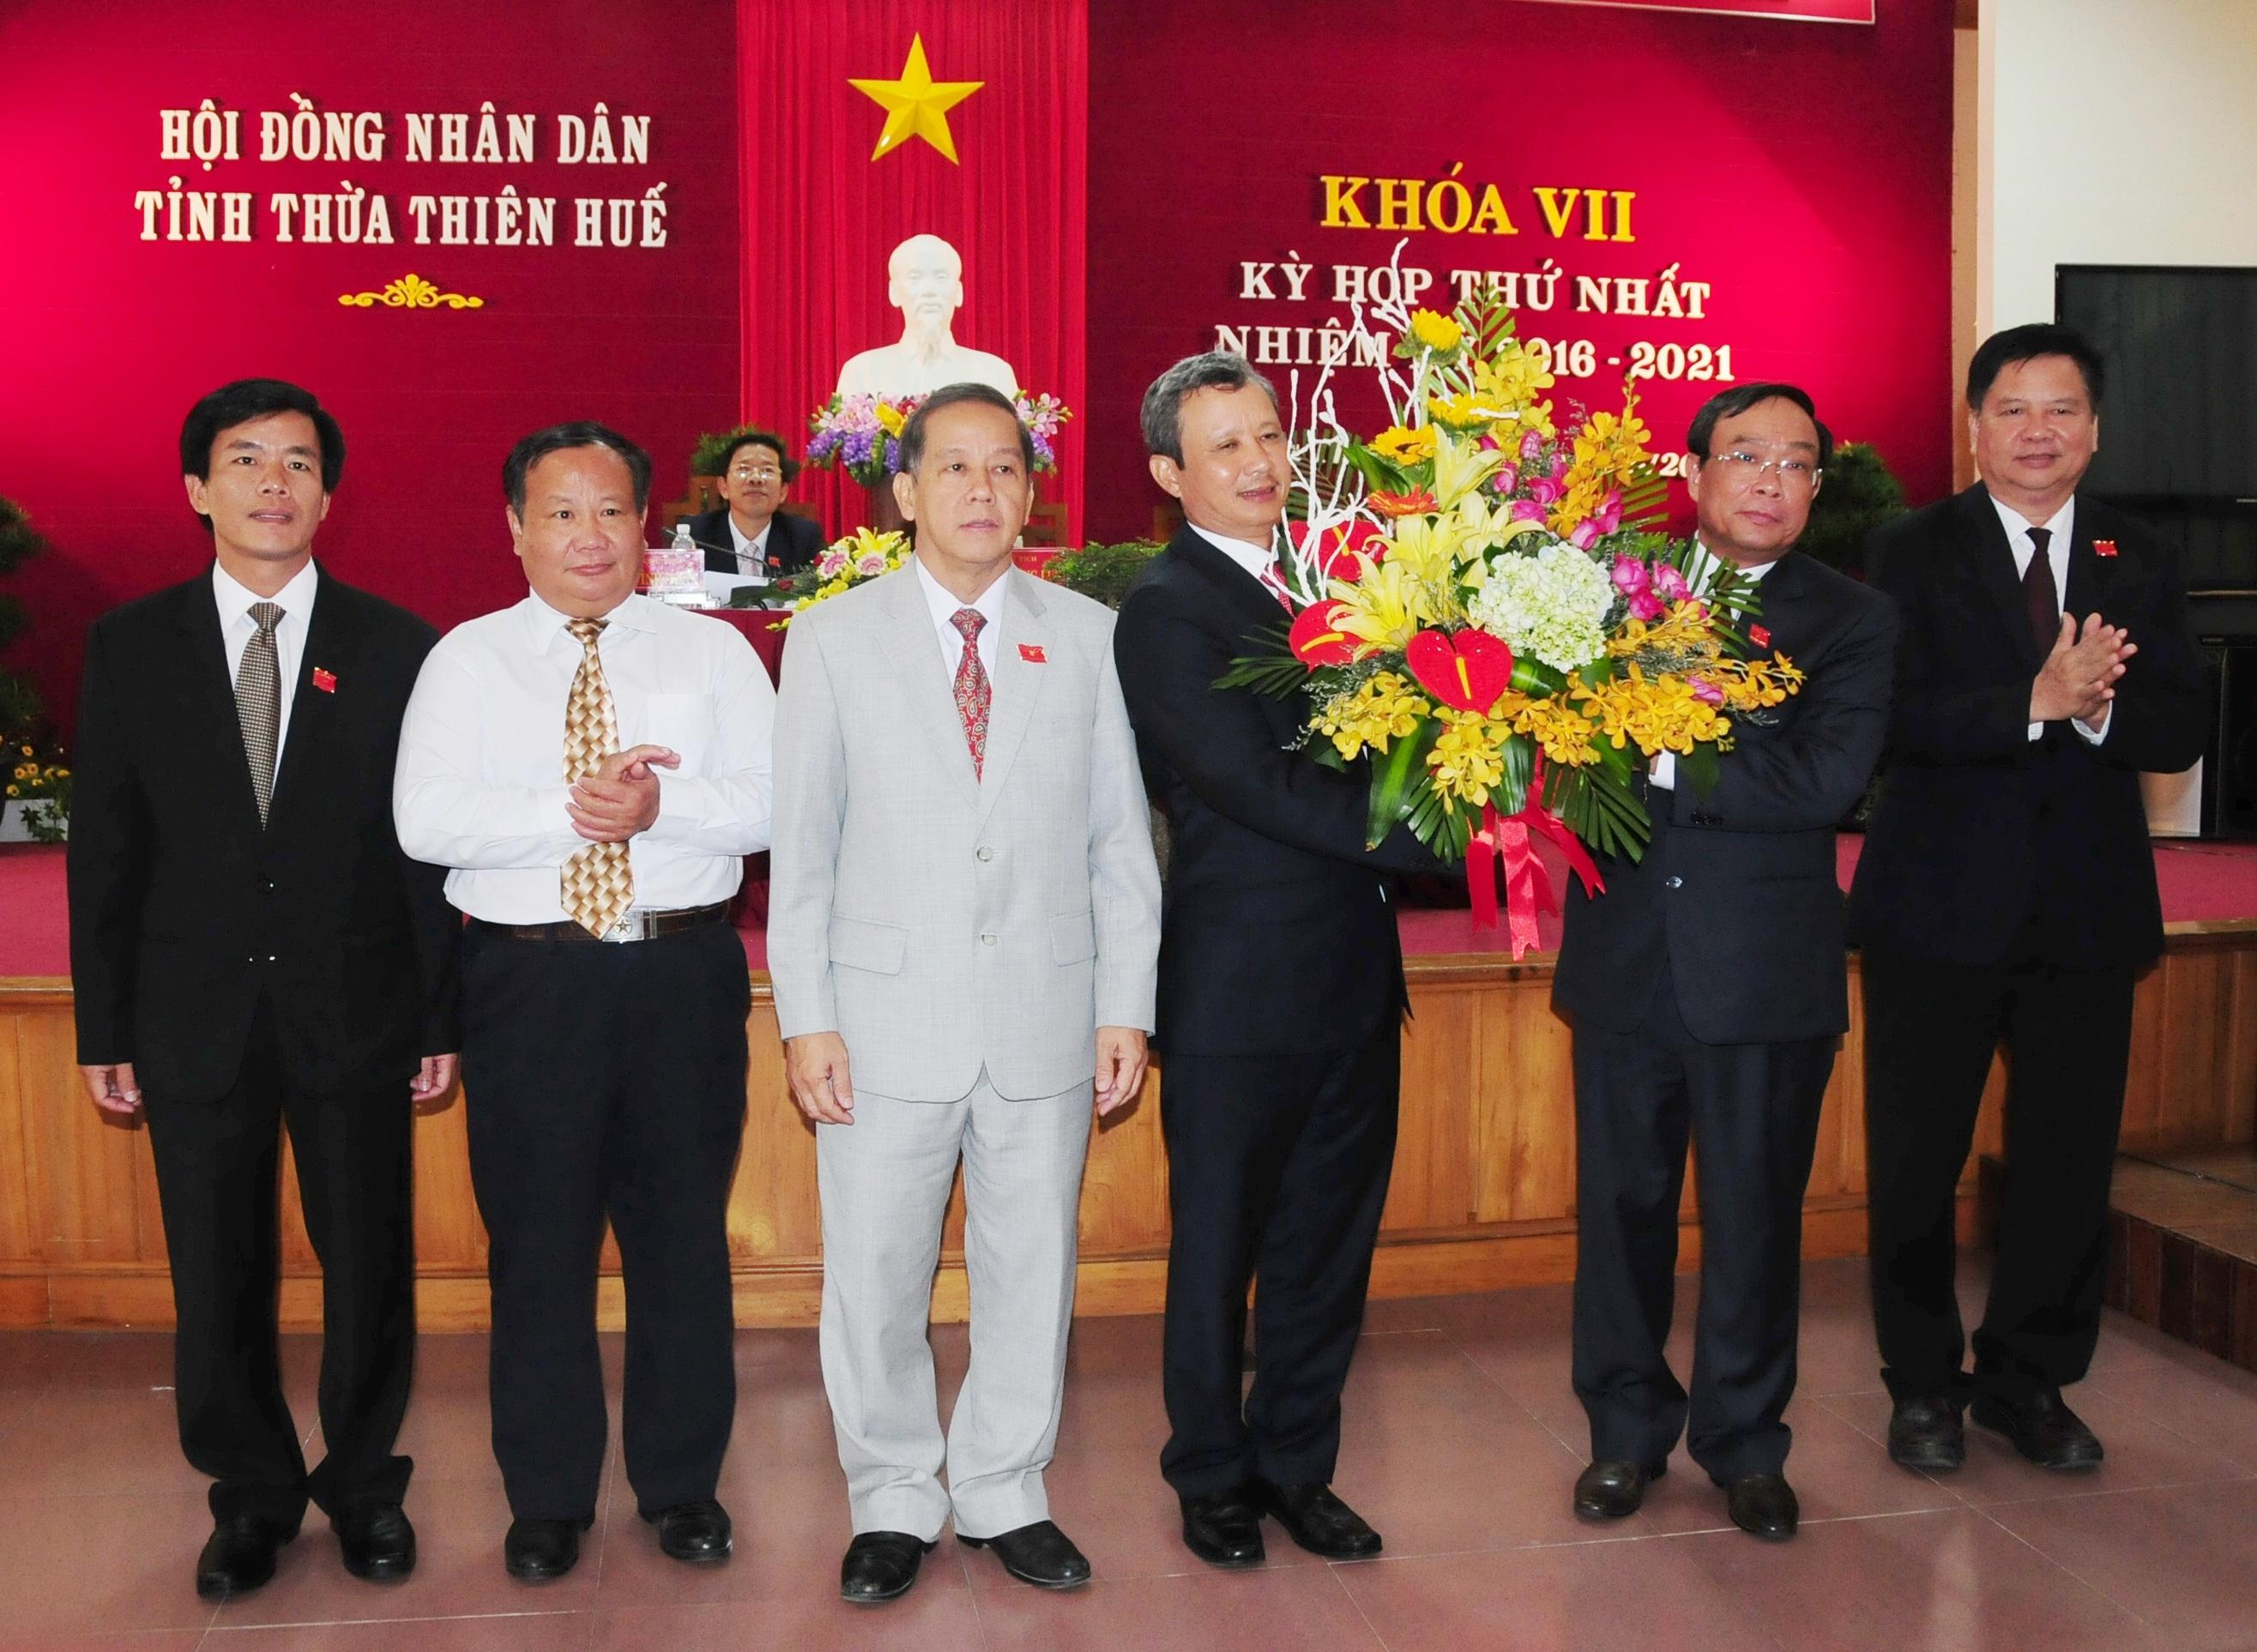 Ông Nguyễn Văn Cao (thứ 2 từ phải qua) tái đắc cử Chủ tịch UBND tỉnh Thừa Thiên Huế nhiệm kỳ 2016-2021 (ảnh: VGP)